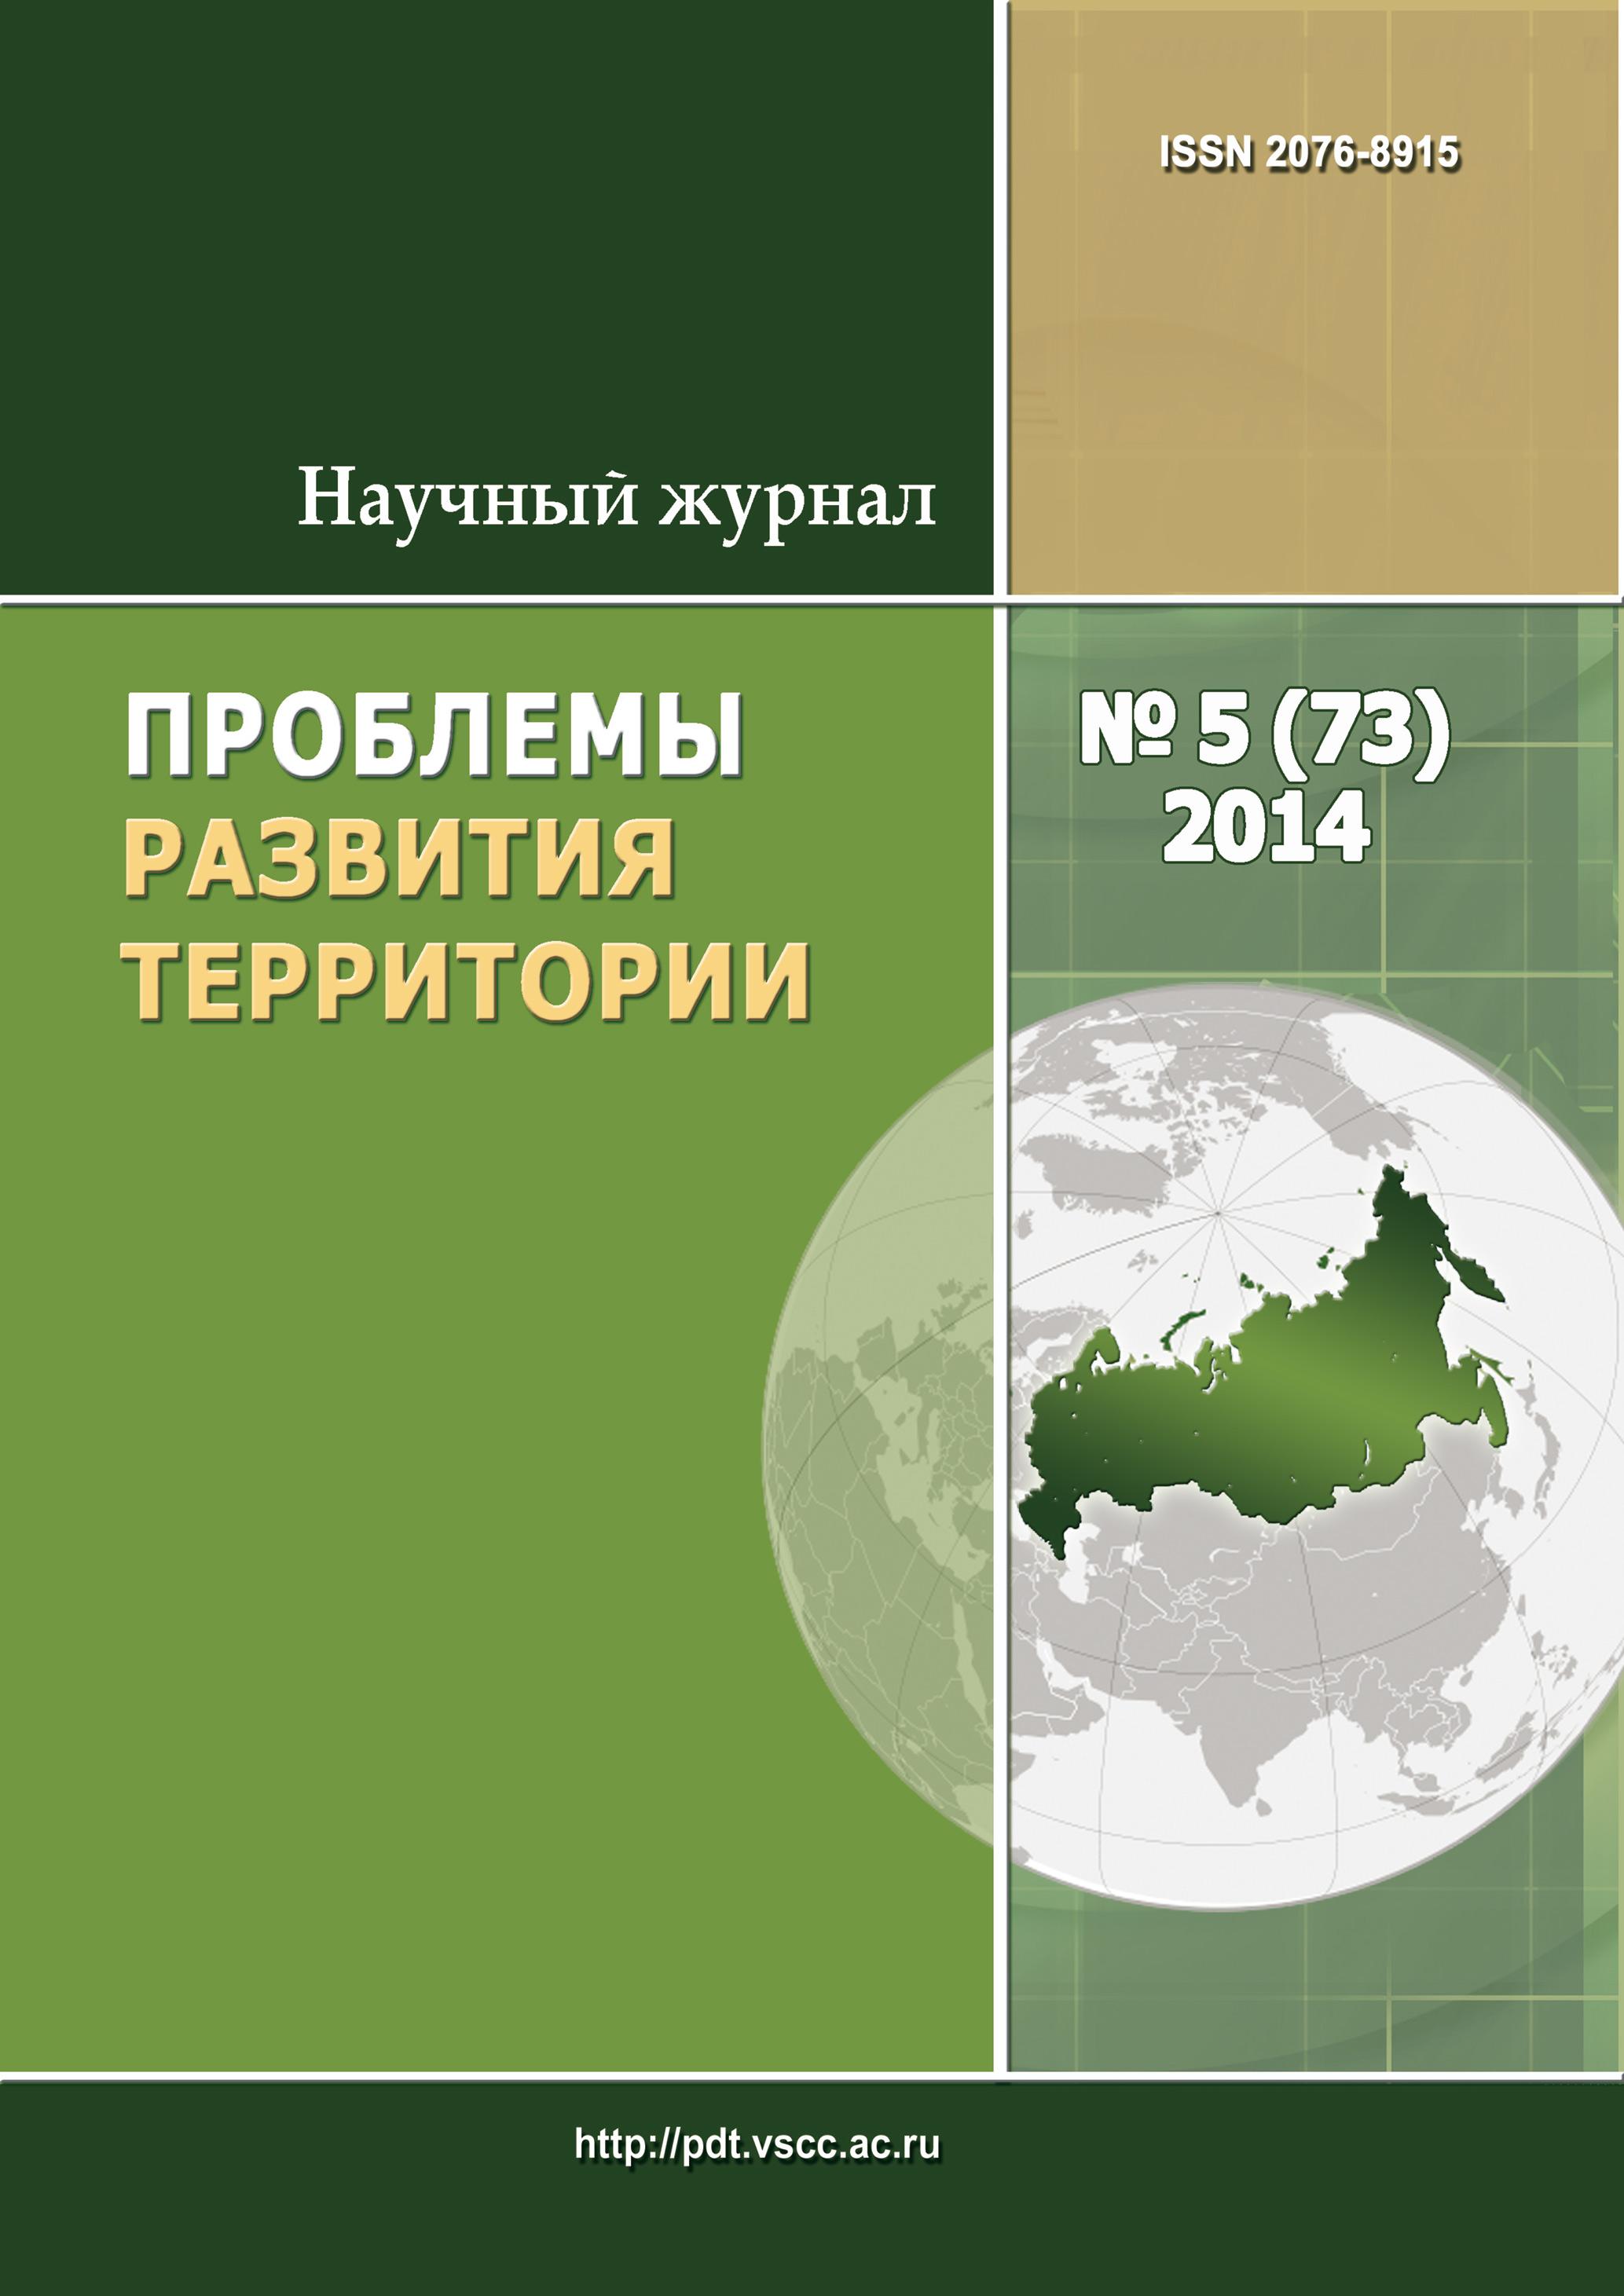 Проблемы развития территории № 5 (73) 2014